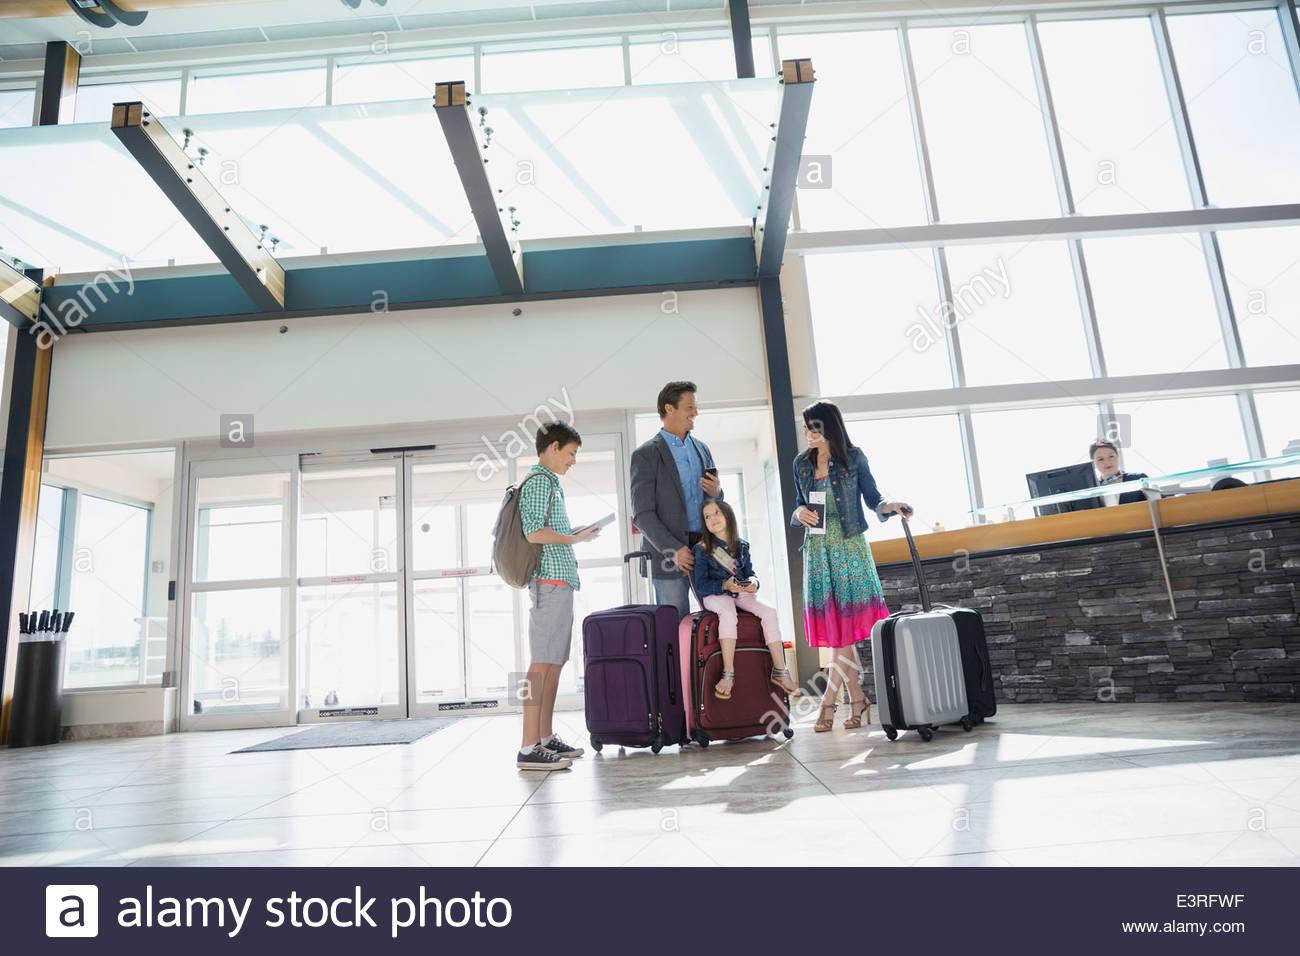 Familia con maletas llegando al aeropuerto Imagen De Stock